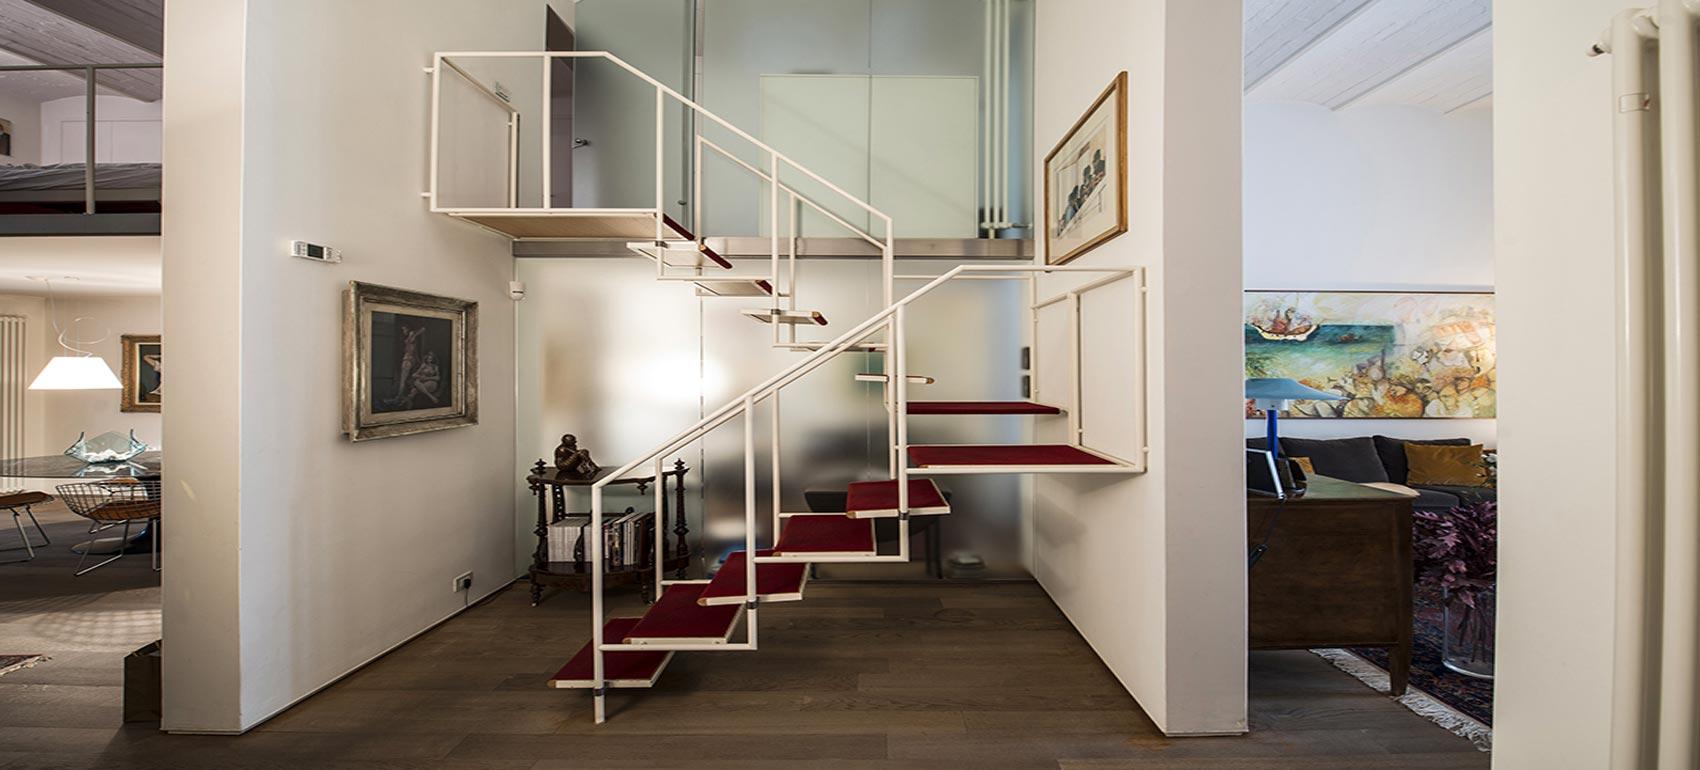 stefanoturi-architetto_lavori_residenzaprivata1_1